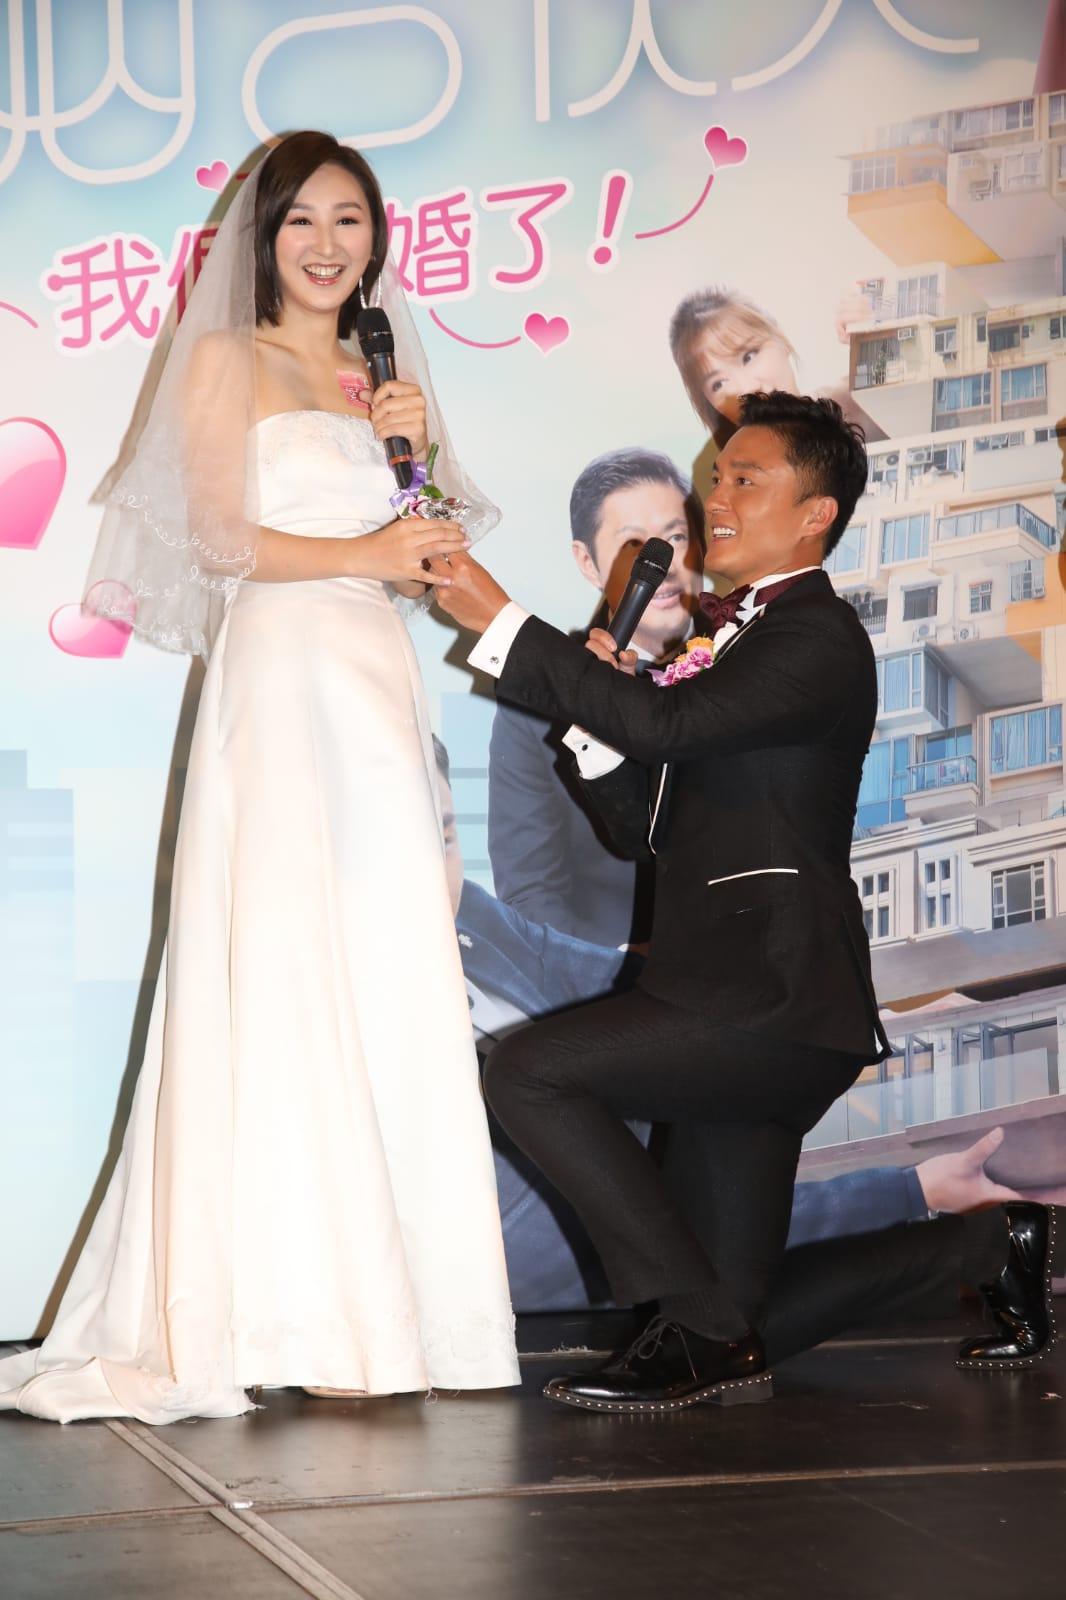 楊明跪地給高Ling送巨鑽笑言有點緊張。